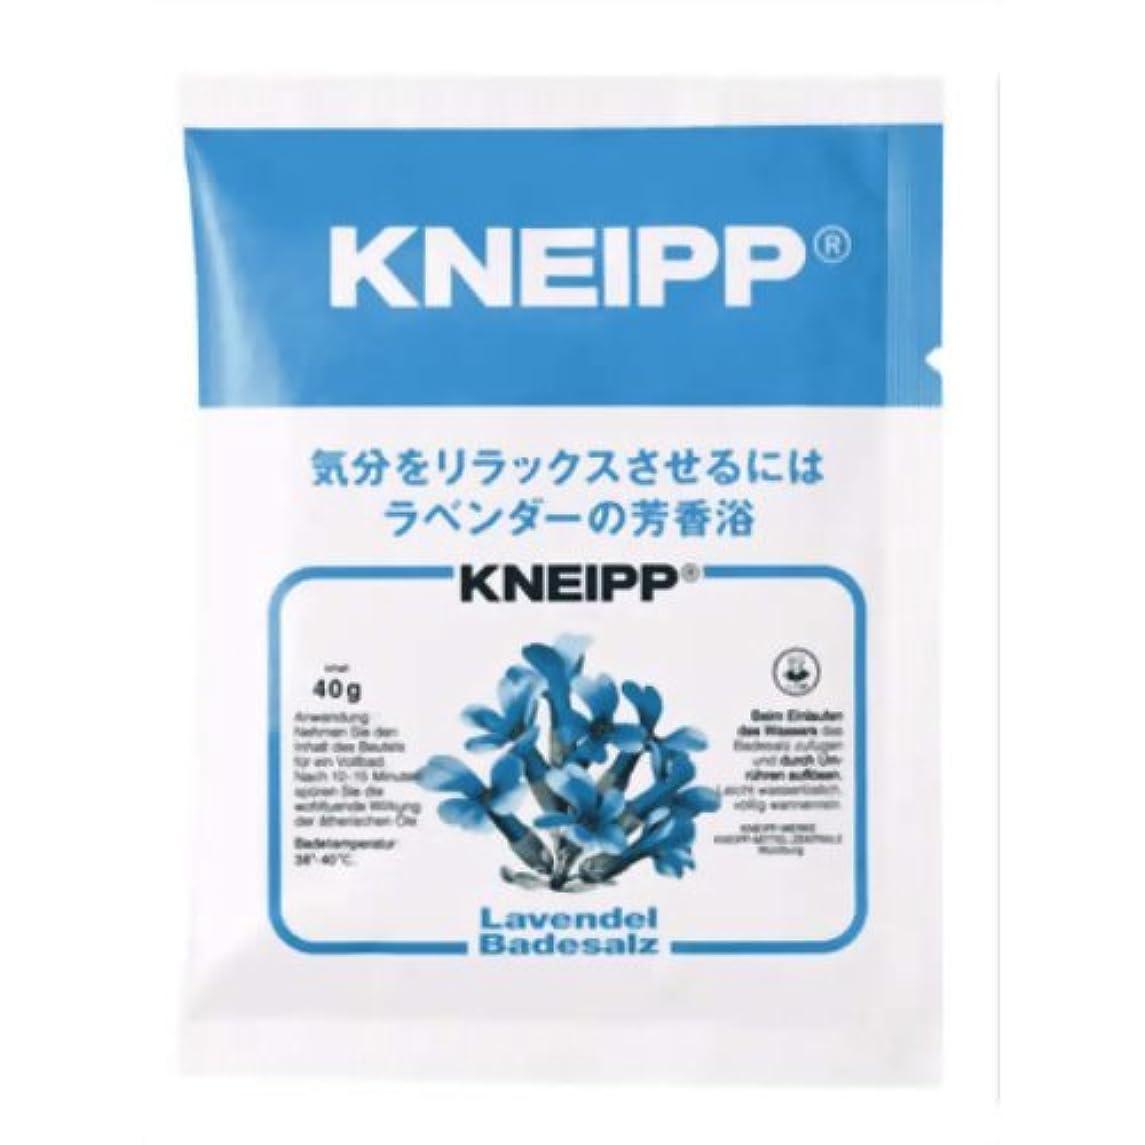 面積共感する増幅クナイプ バスソルト ラベンダーの香り 40g(入浴剤 バスソルト)